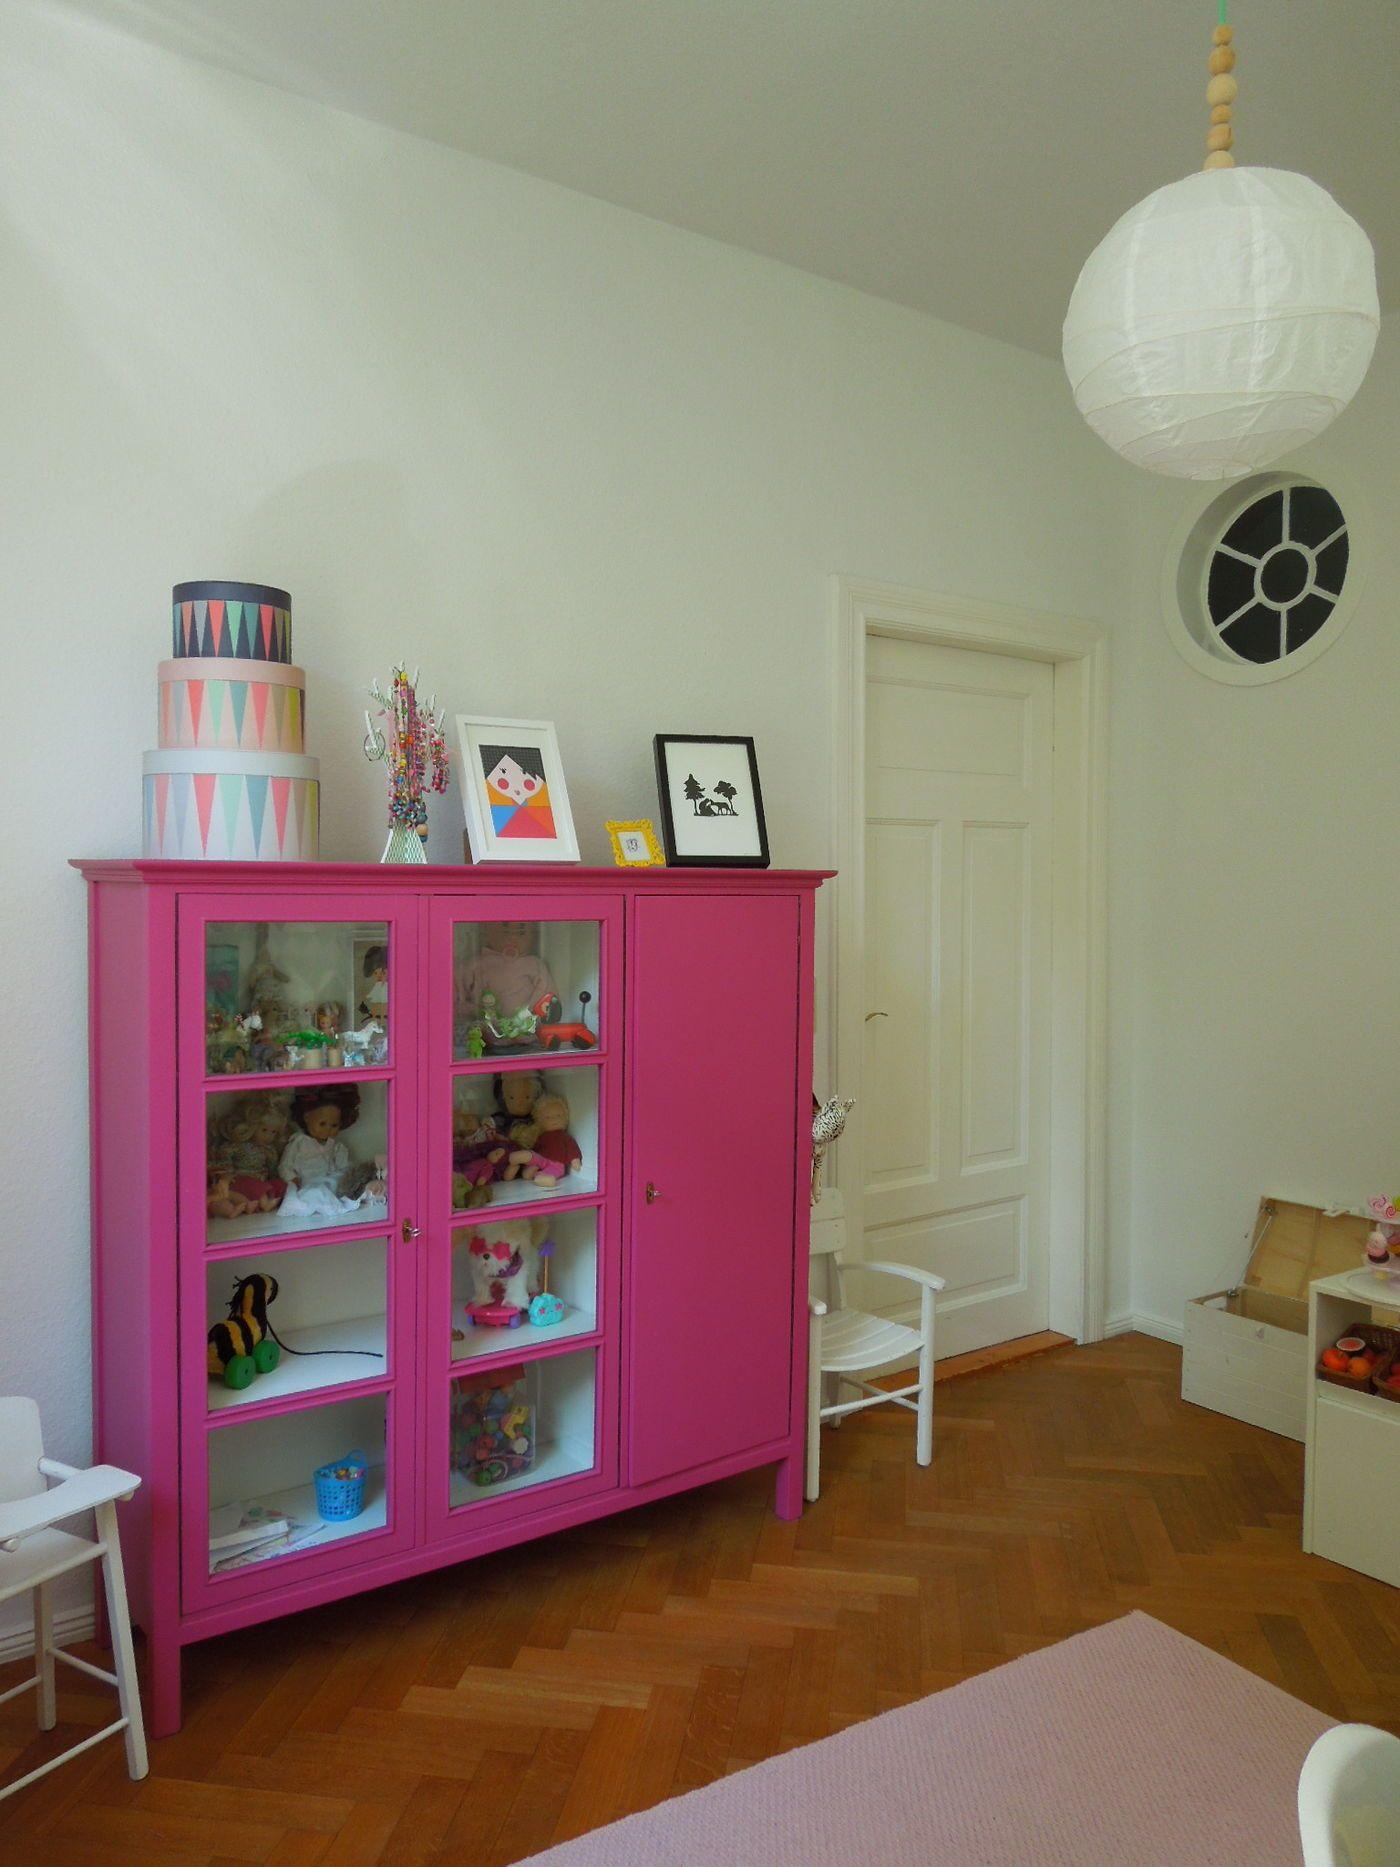 Atemberaubend Ideen Für Ein Neues Zimmer Bilder - Images for ...